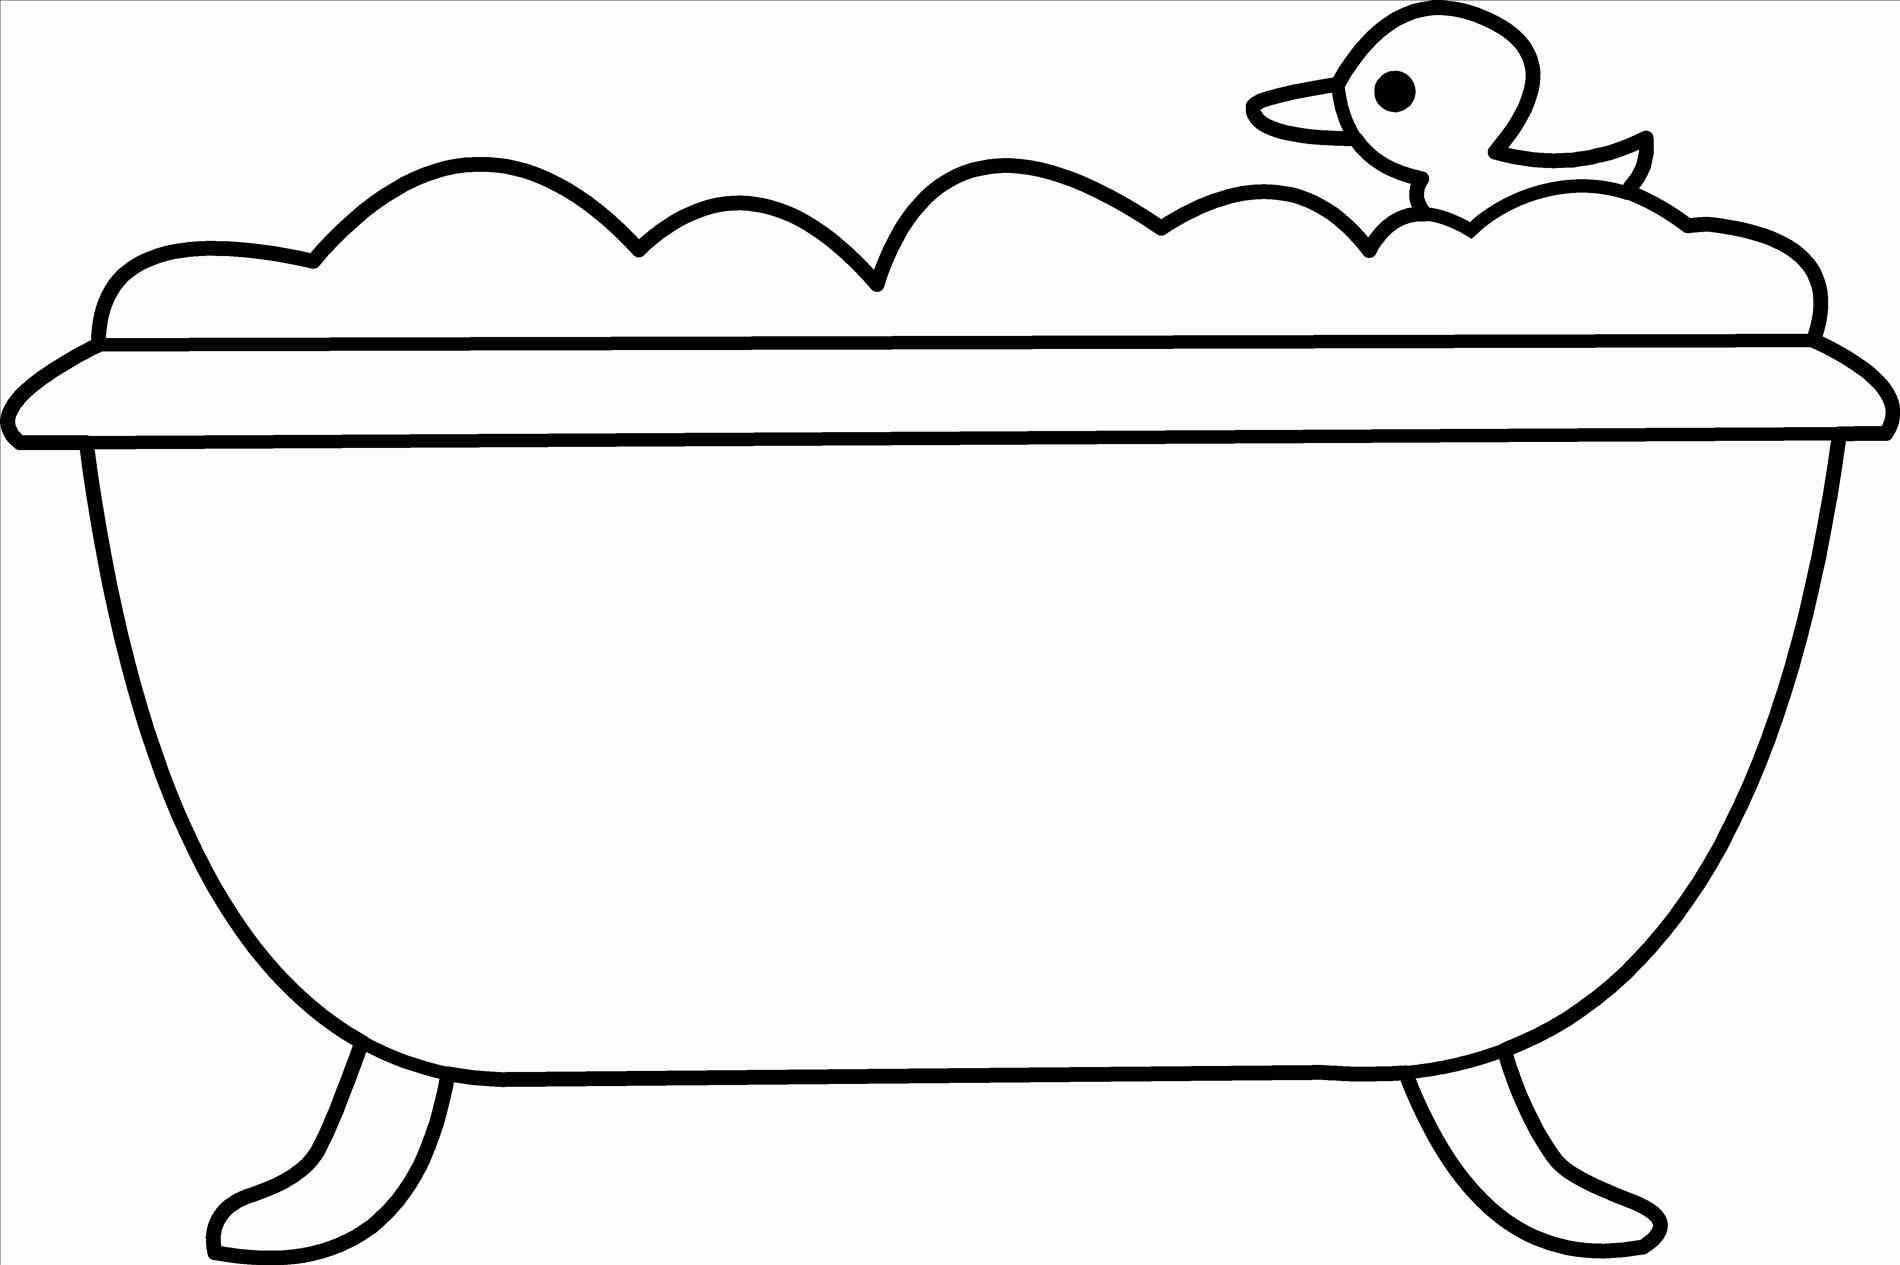 Bath clipart black and white. Take a portal